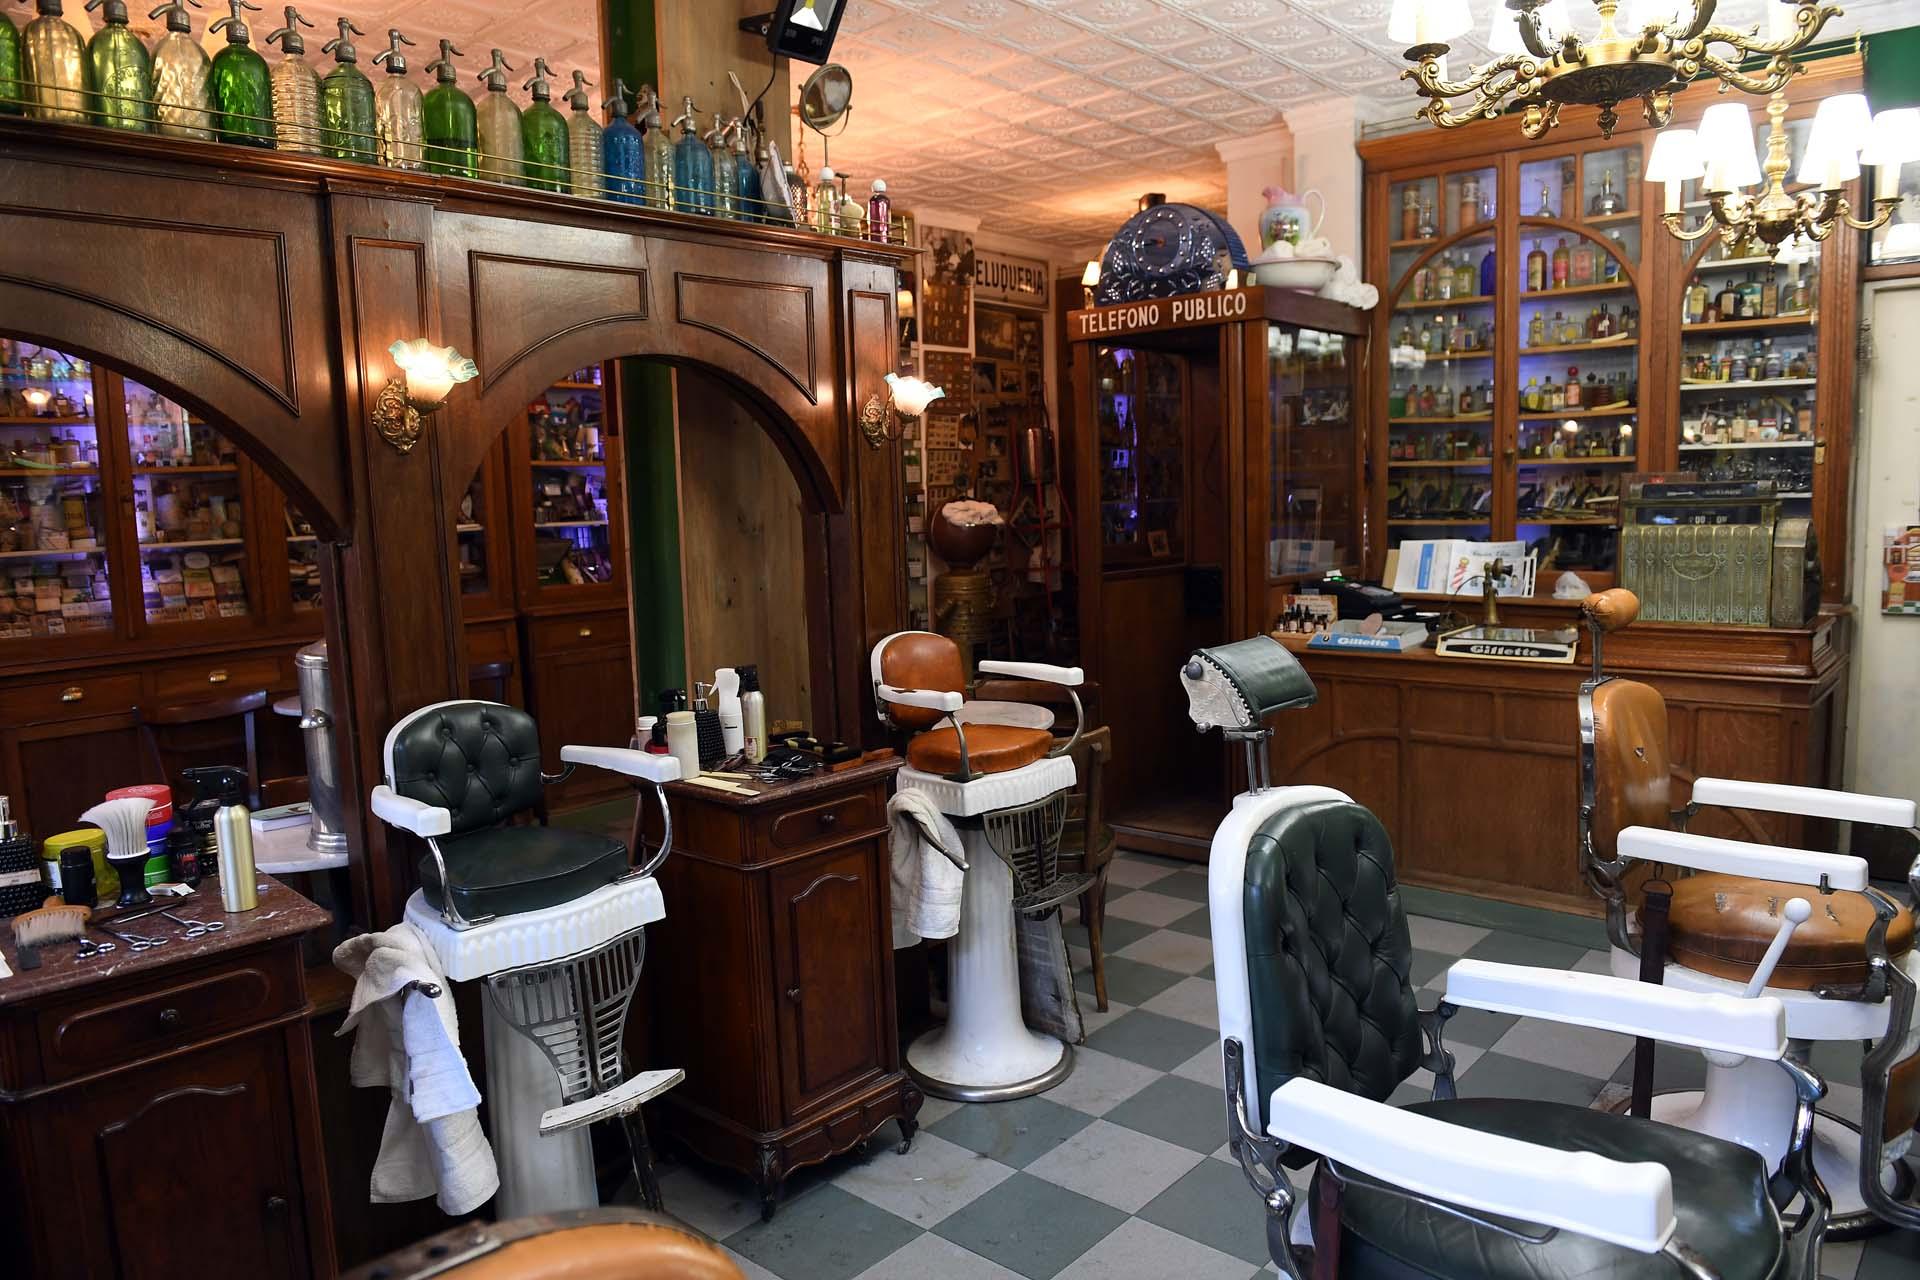 La peluquería abrió en 1998